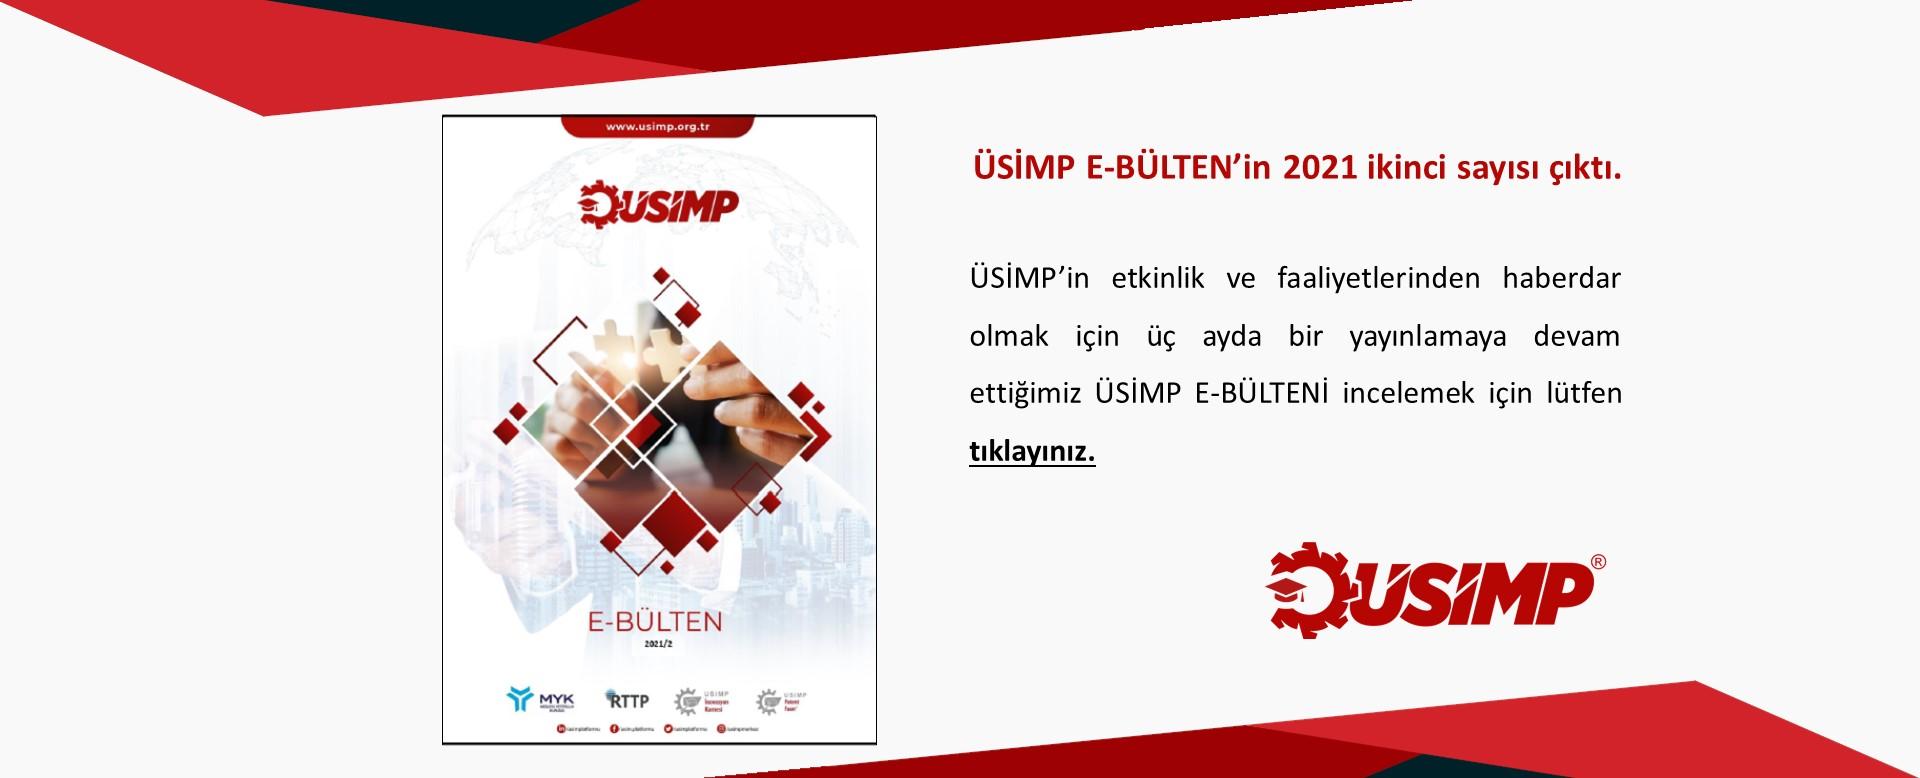 usimp